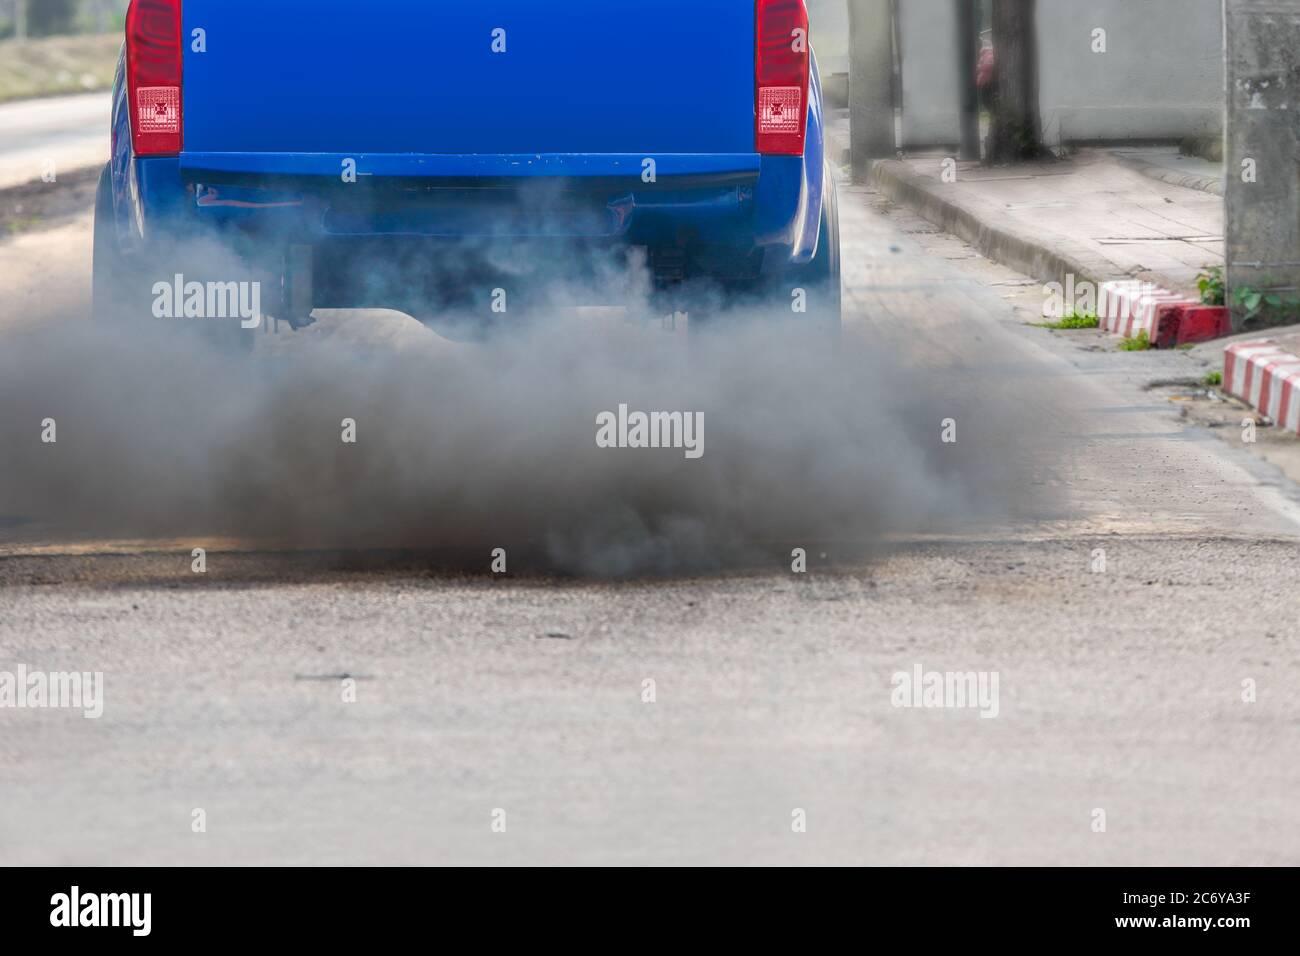 crisis de contaminación del aire en la ciudad por el tubo de escape de vehículos diesel en la carretera Foto de stock